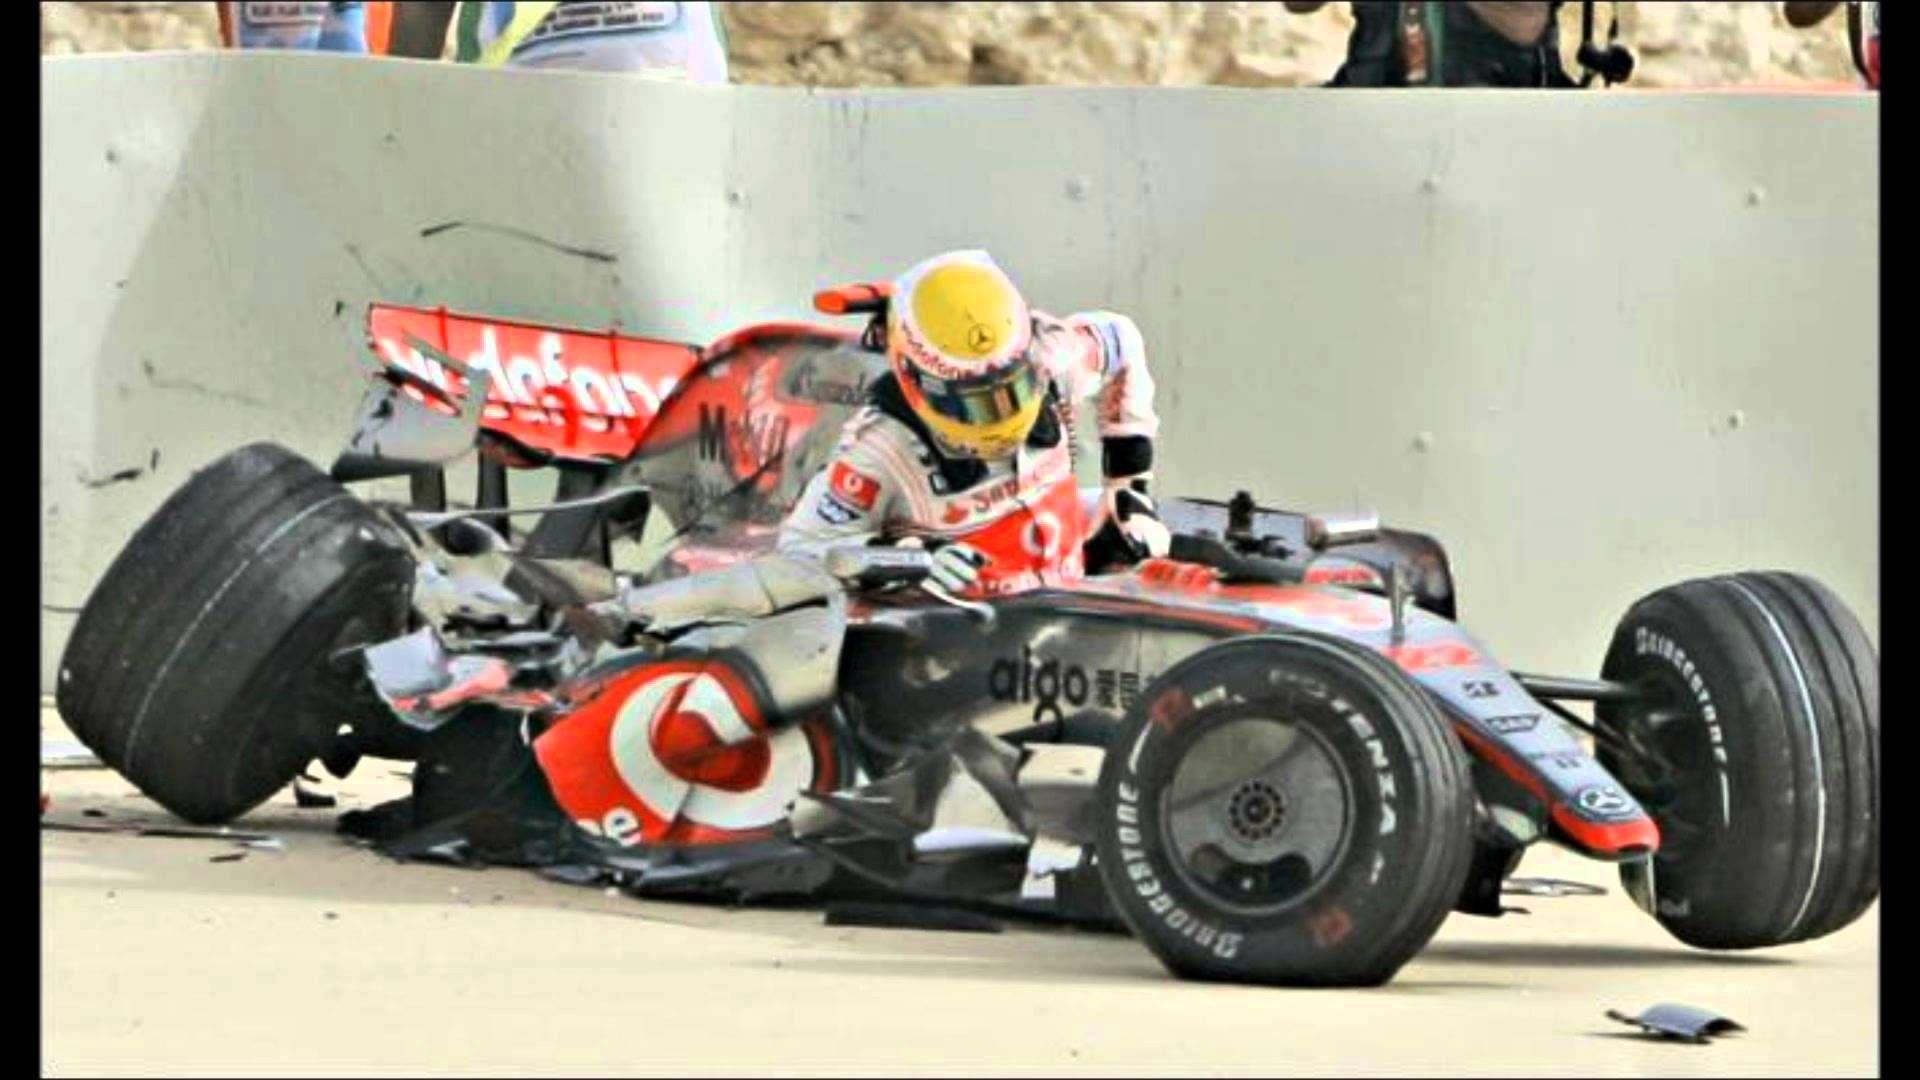 f1 crash maxresdefault.jpg F1 crash, Grand prix racing